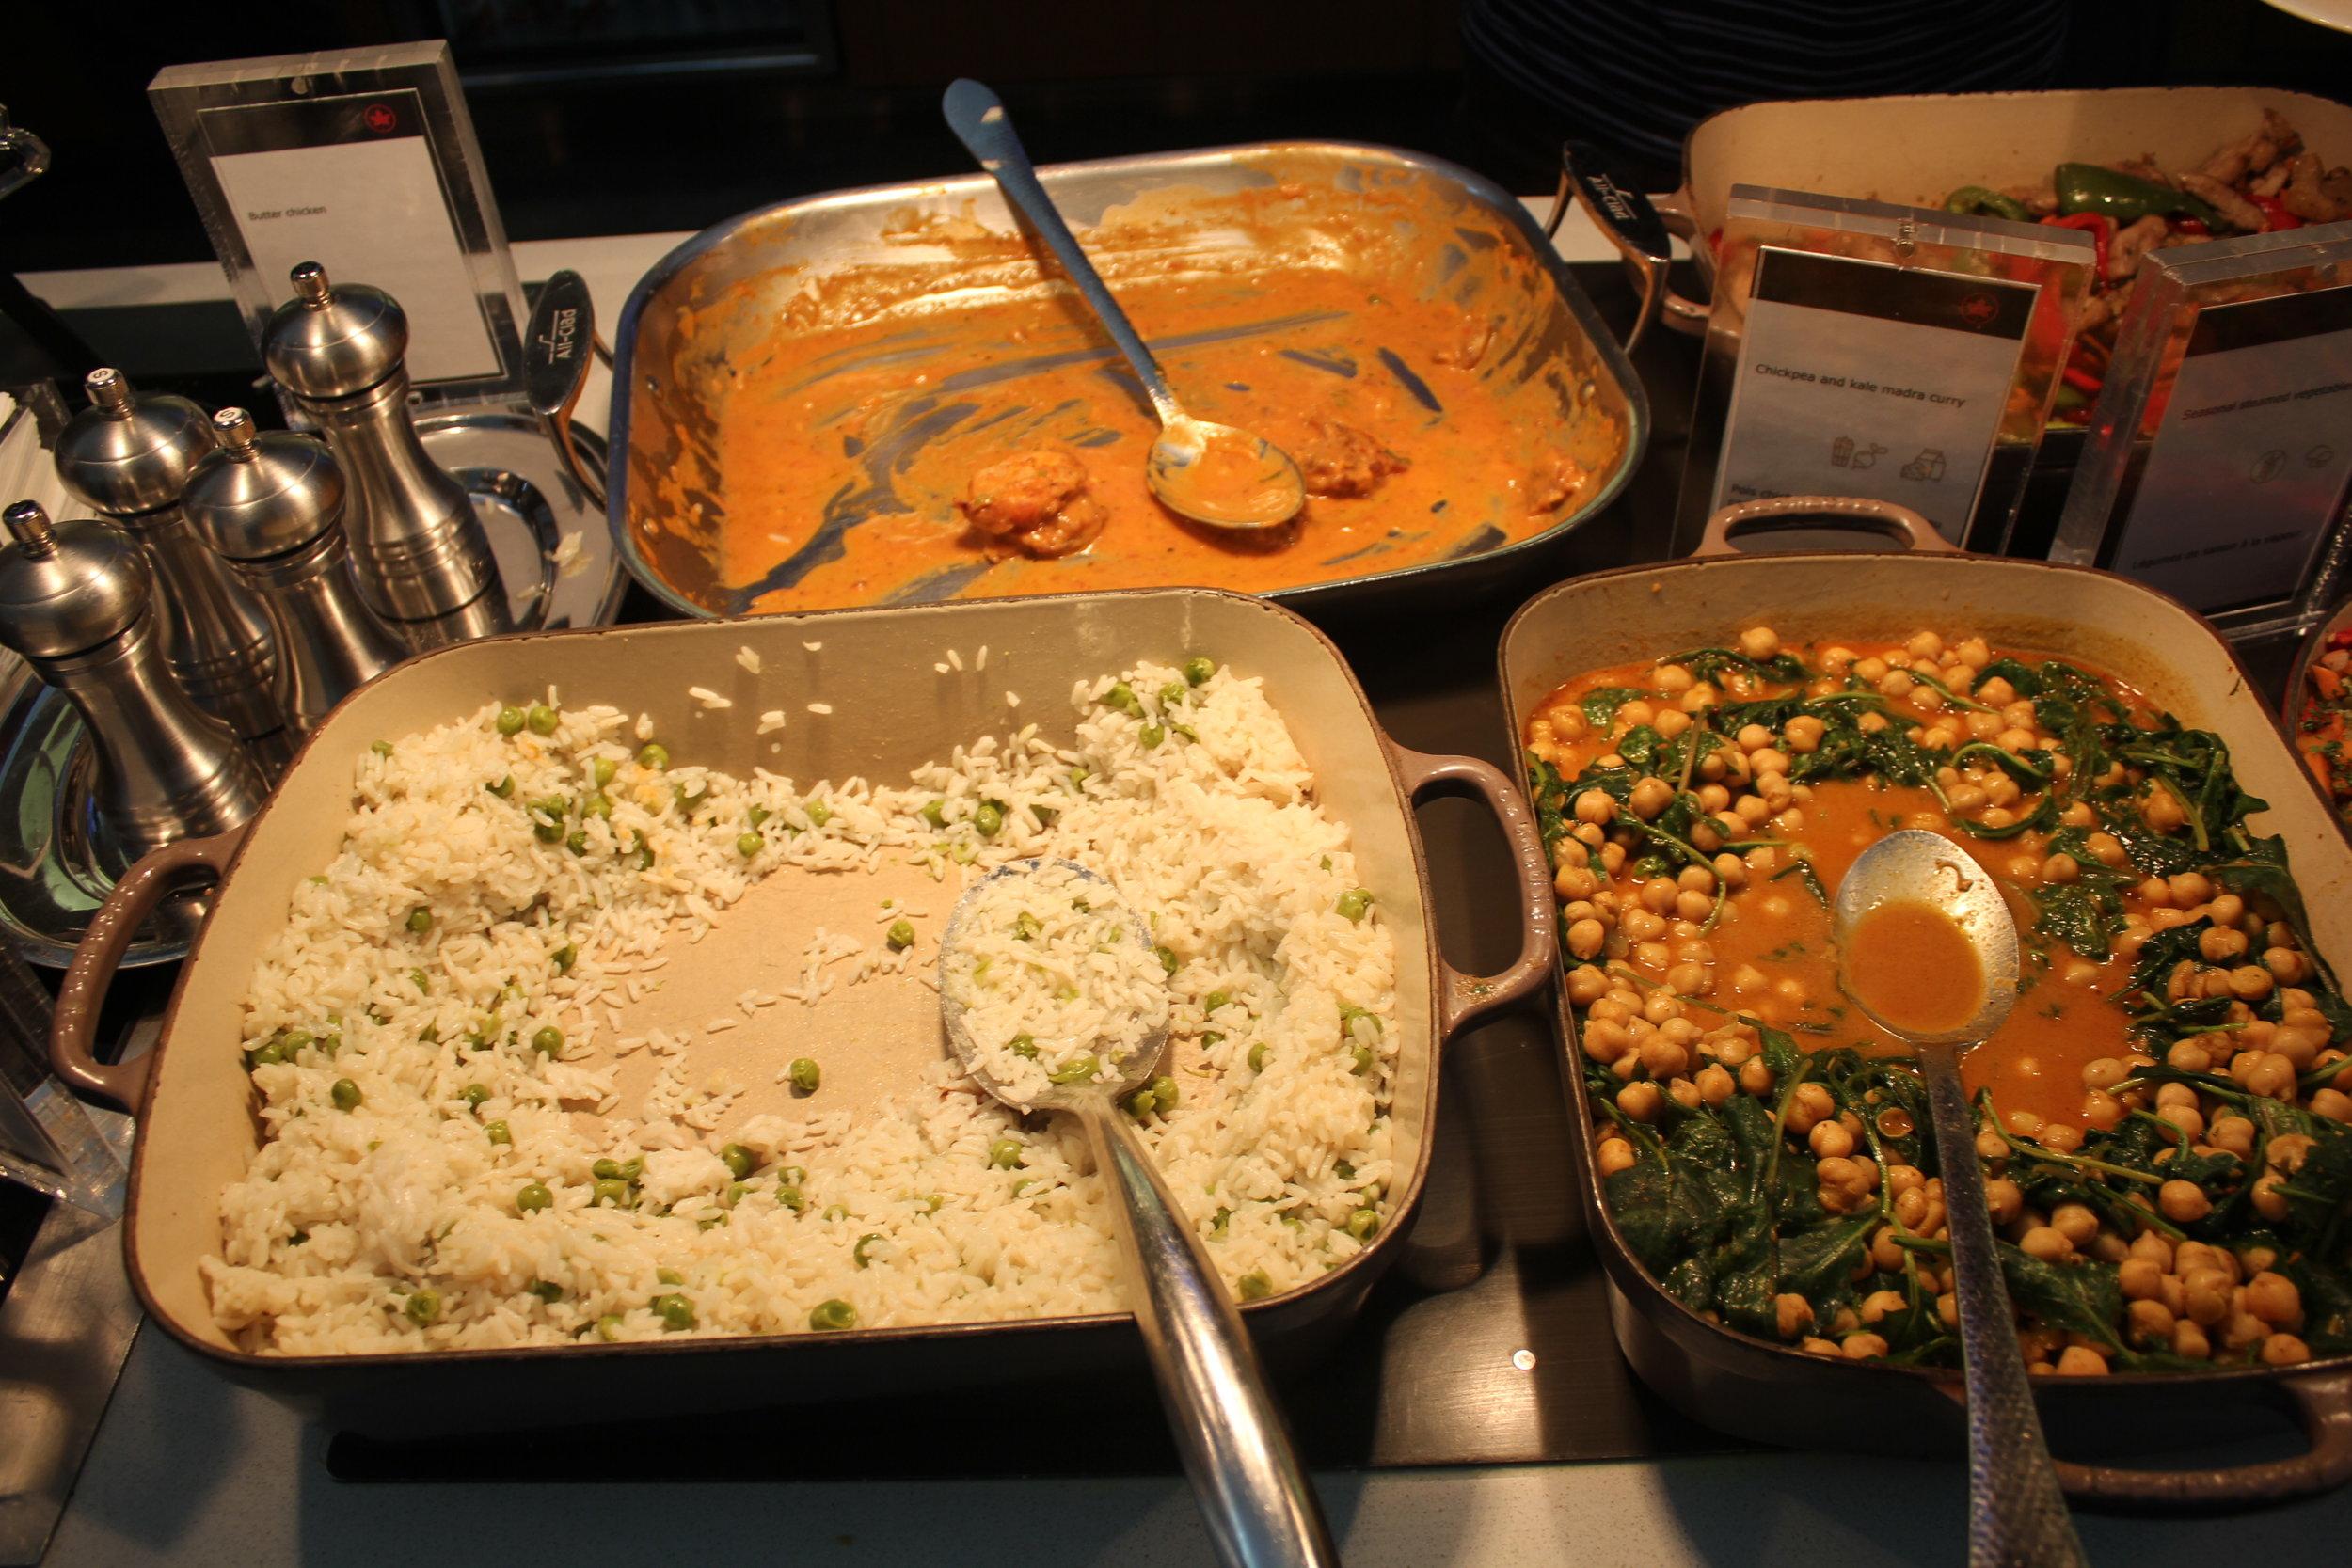 Air Canada Maple Leaf Lounge Toronto (International) – Food spread